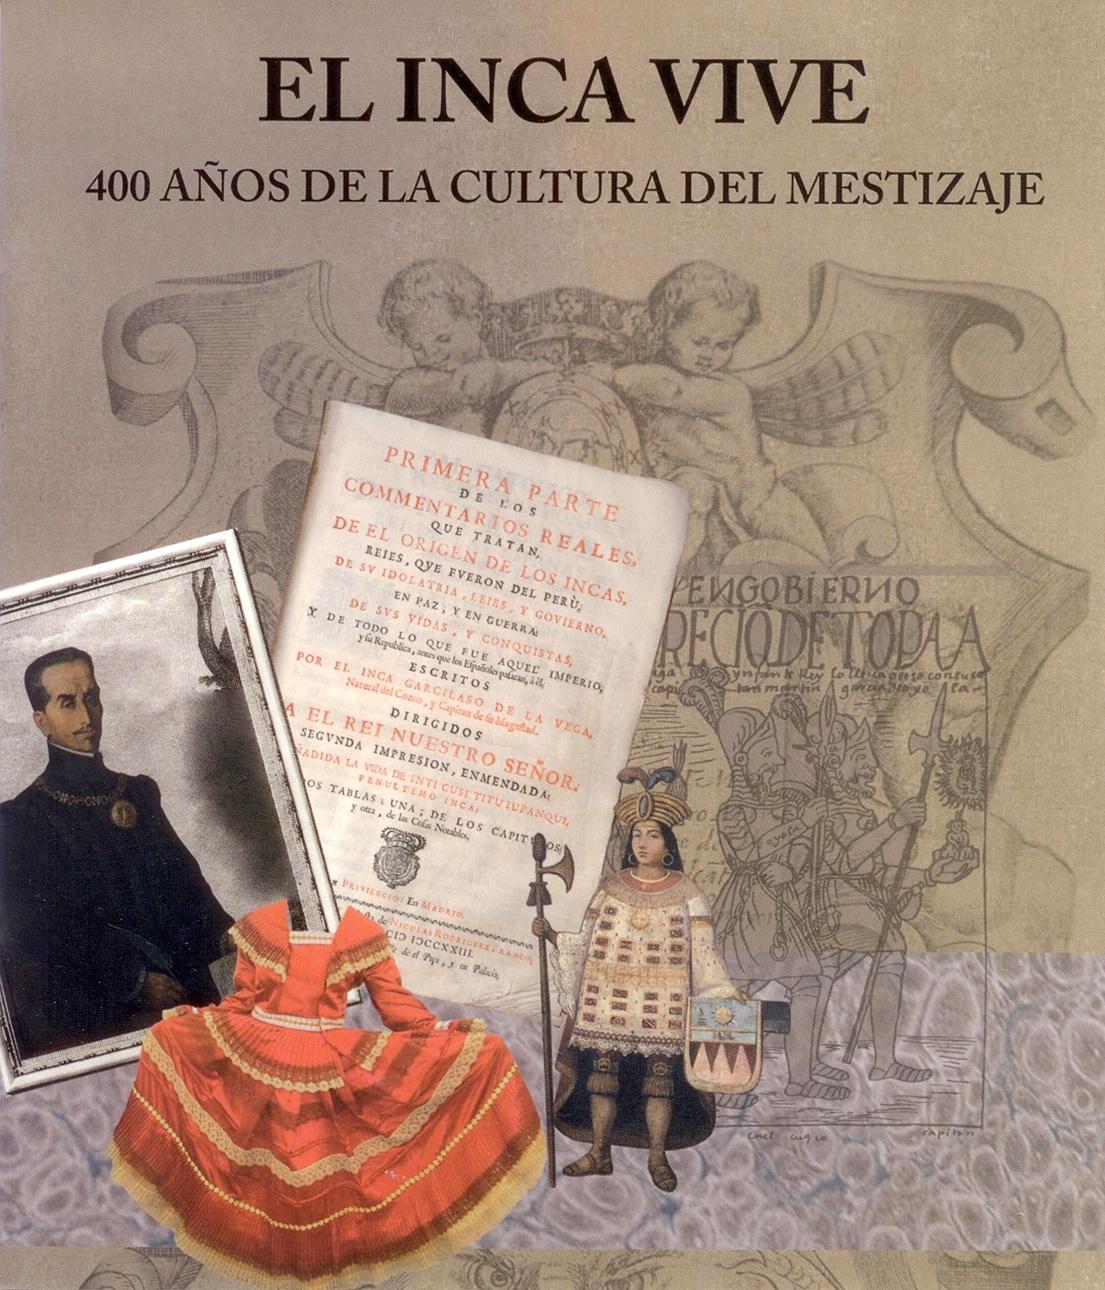 Exposición el Inca vive. 400 años de la Cultura del Mestizaje